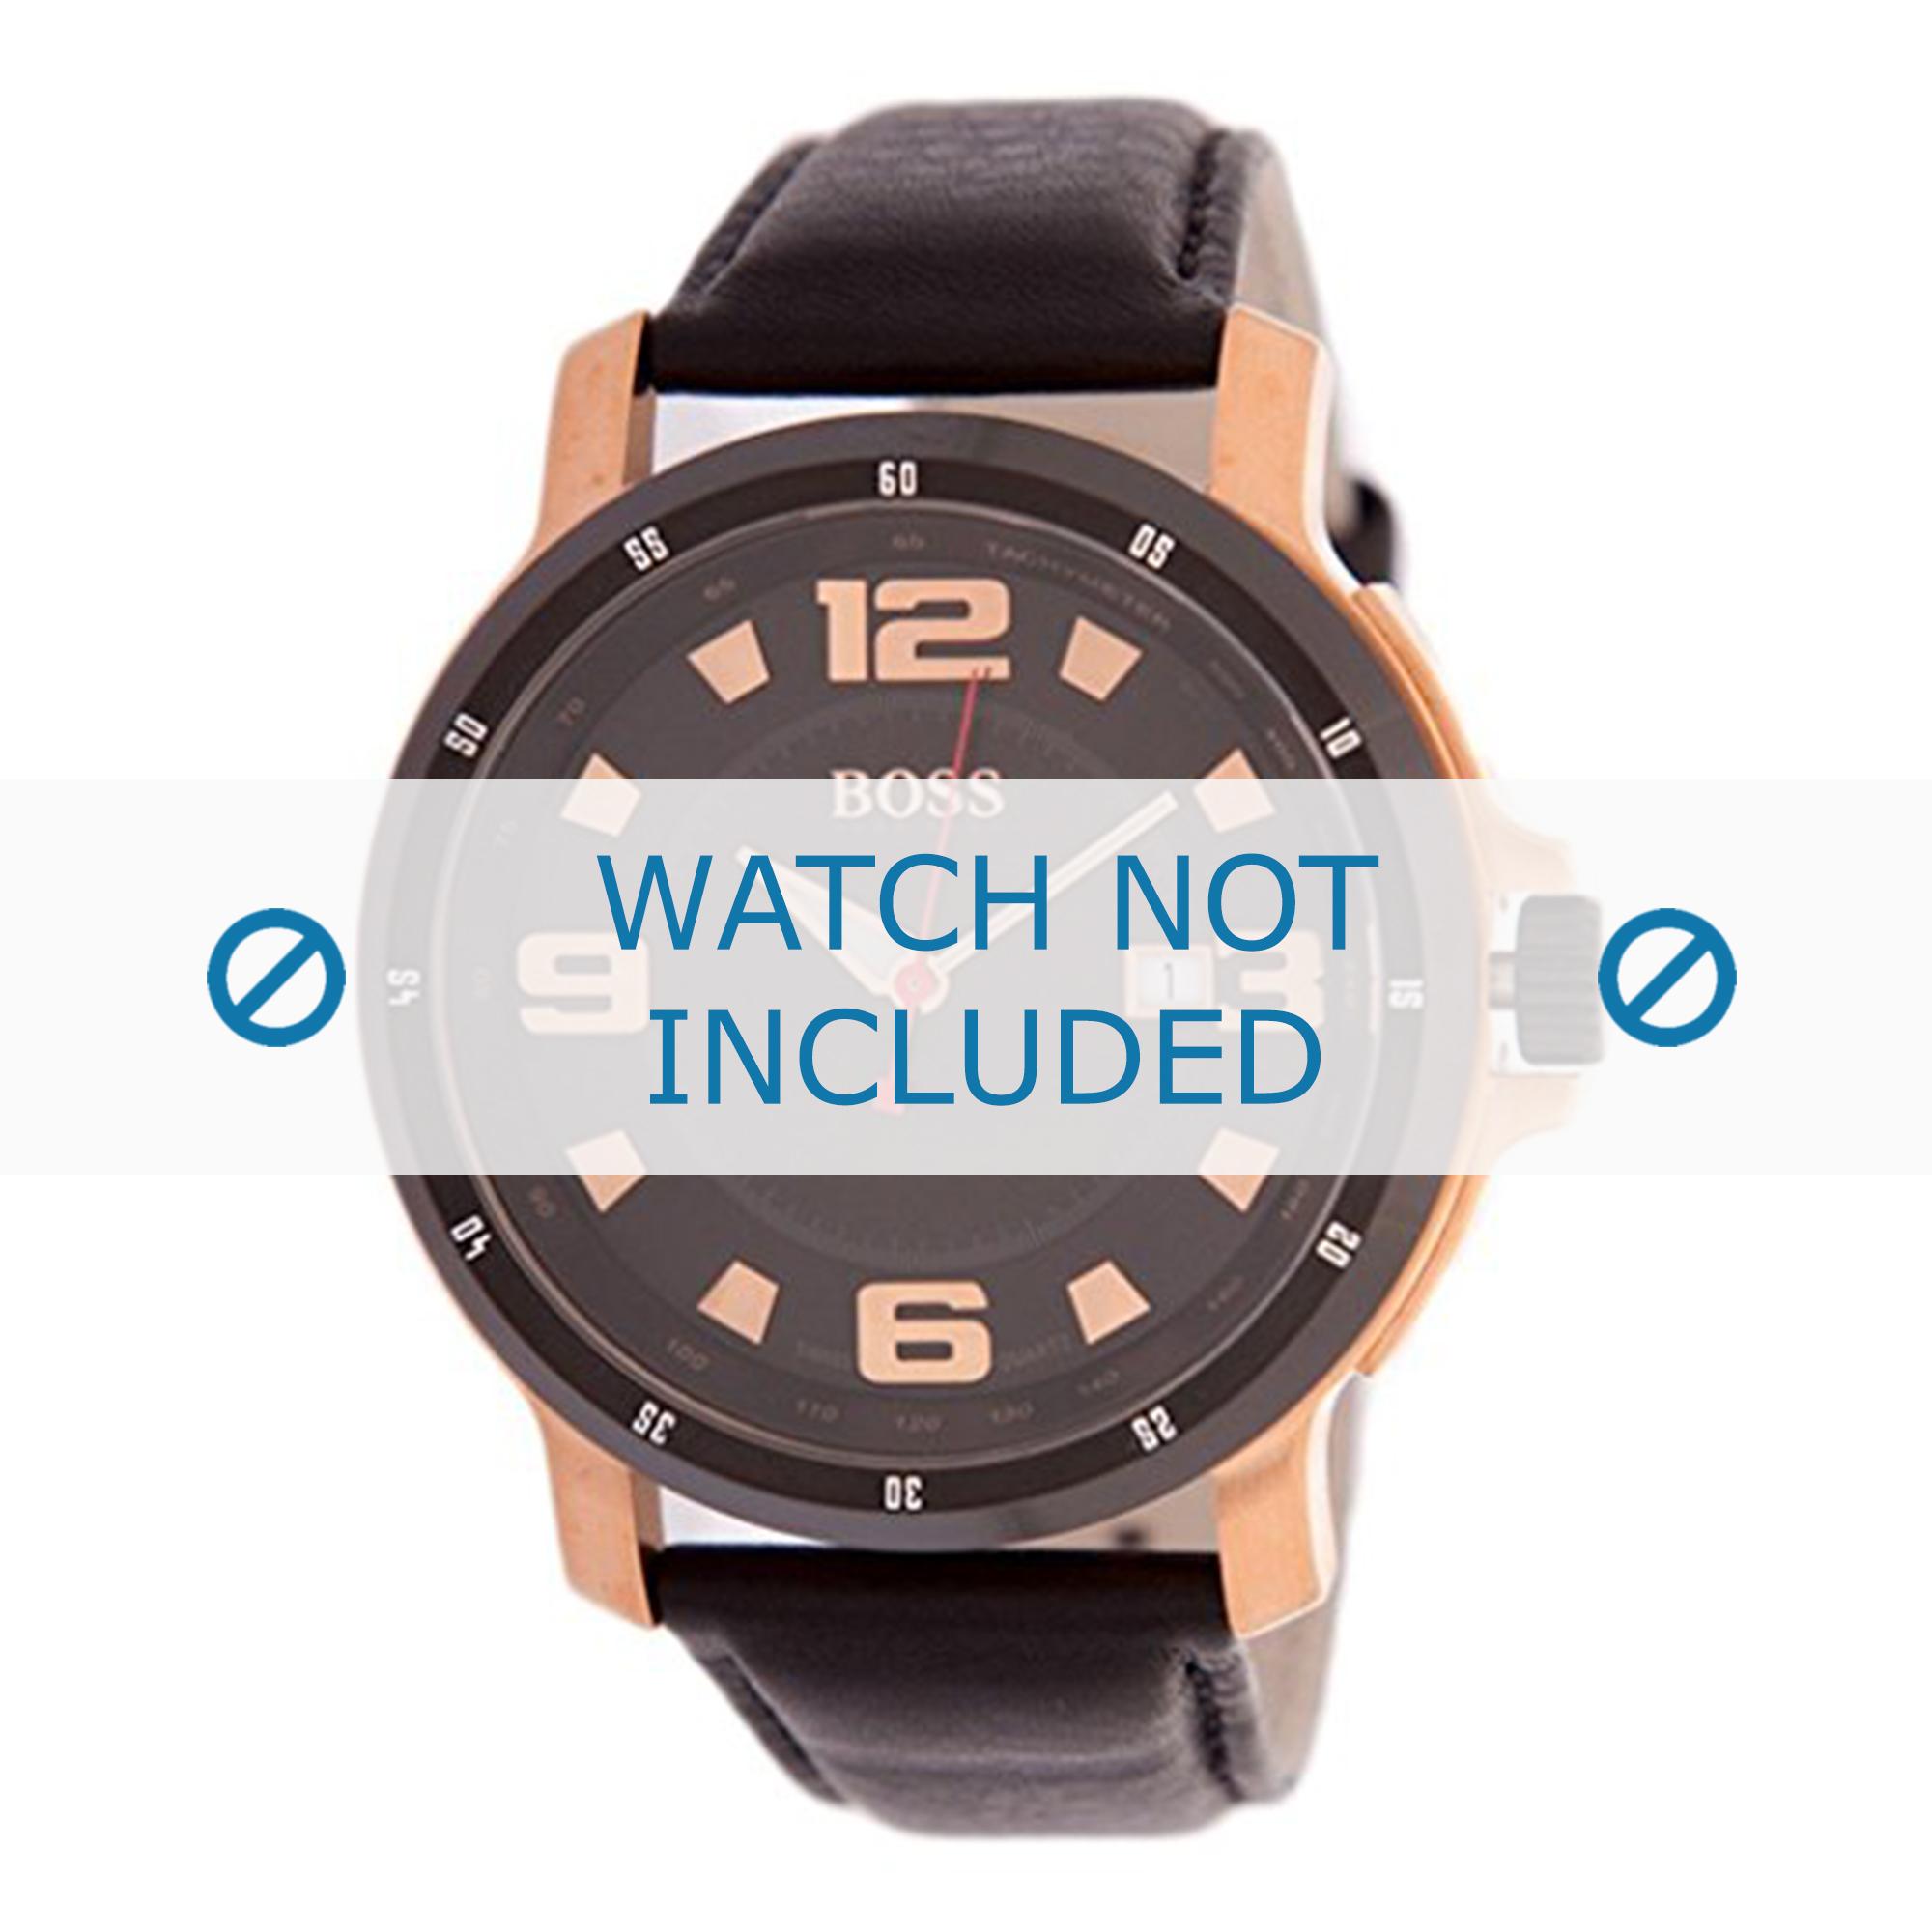 Hugo Boss horlogeband 1512507 / HB-94-1-34-2215 / HB659302203 Leder Zwart 24mm + zwart stiksel